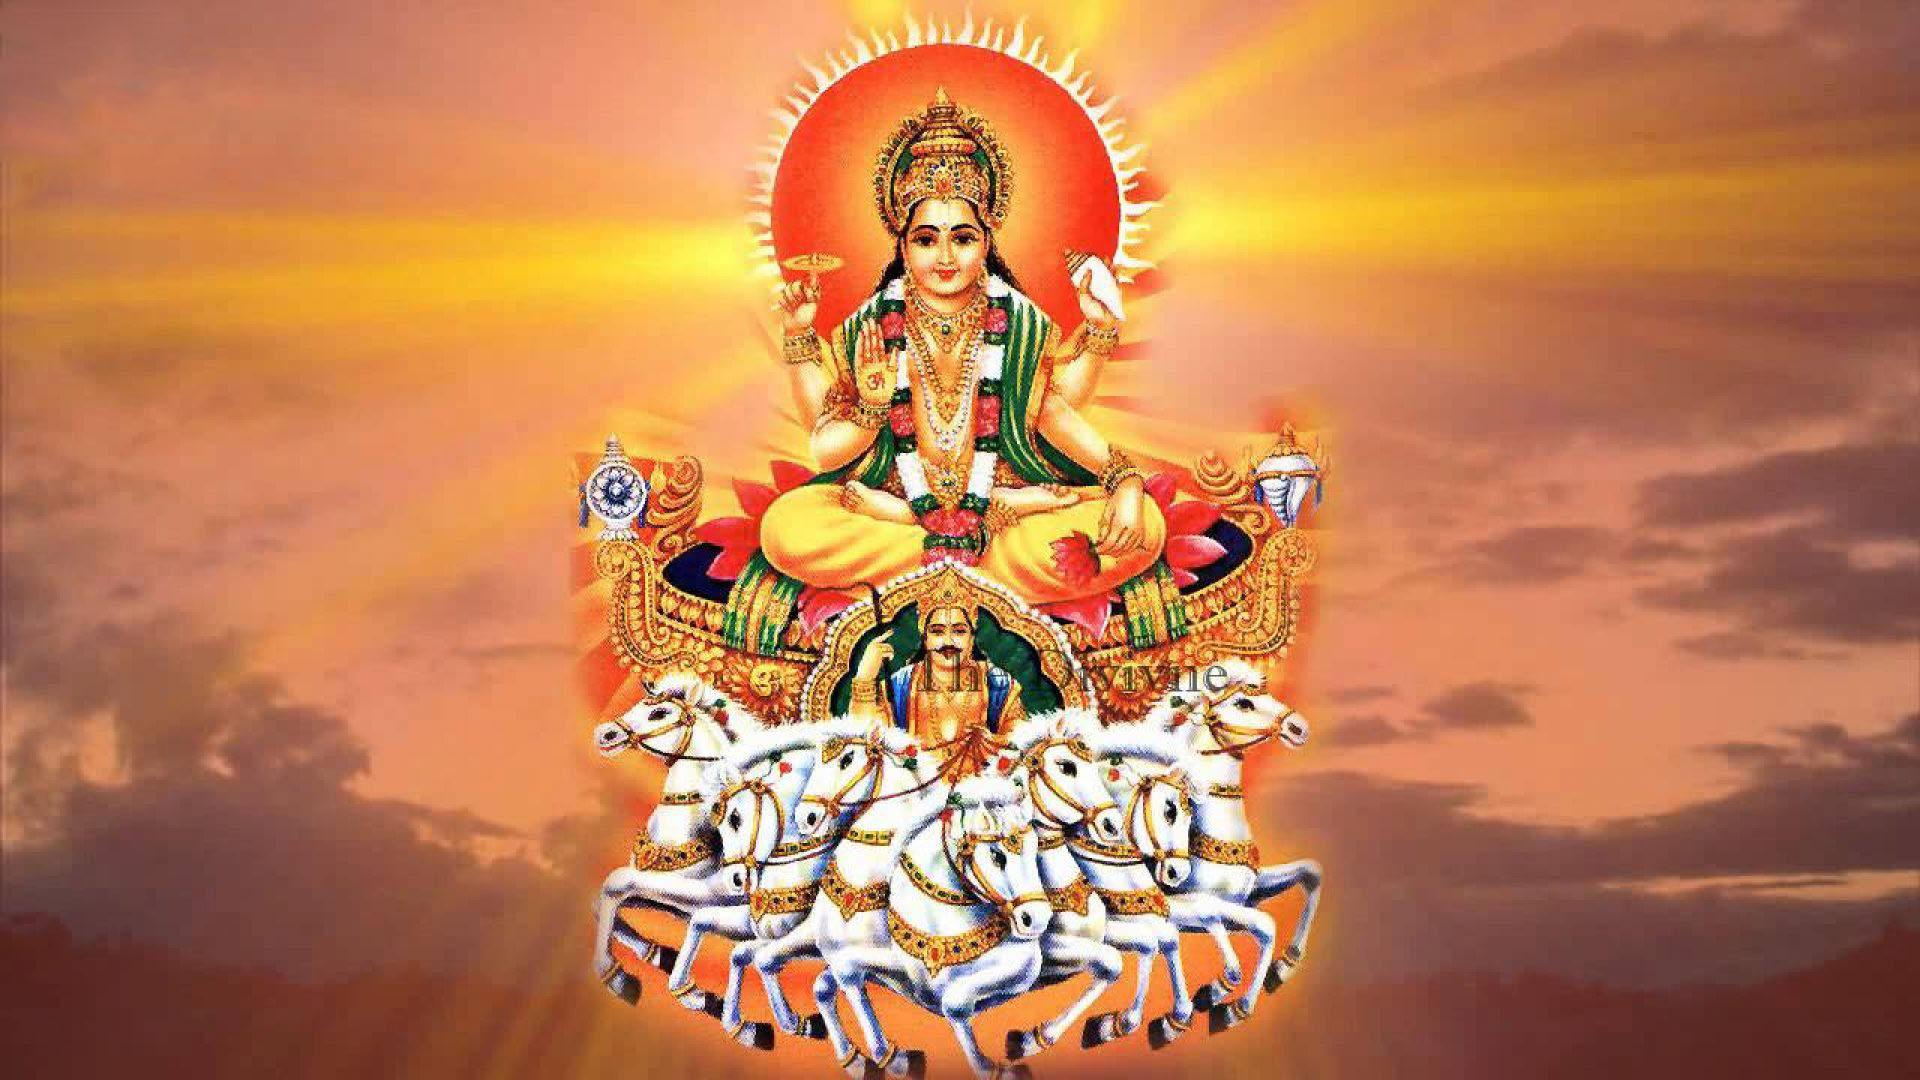 Sun God Images Download